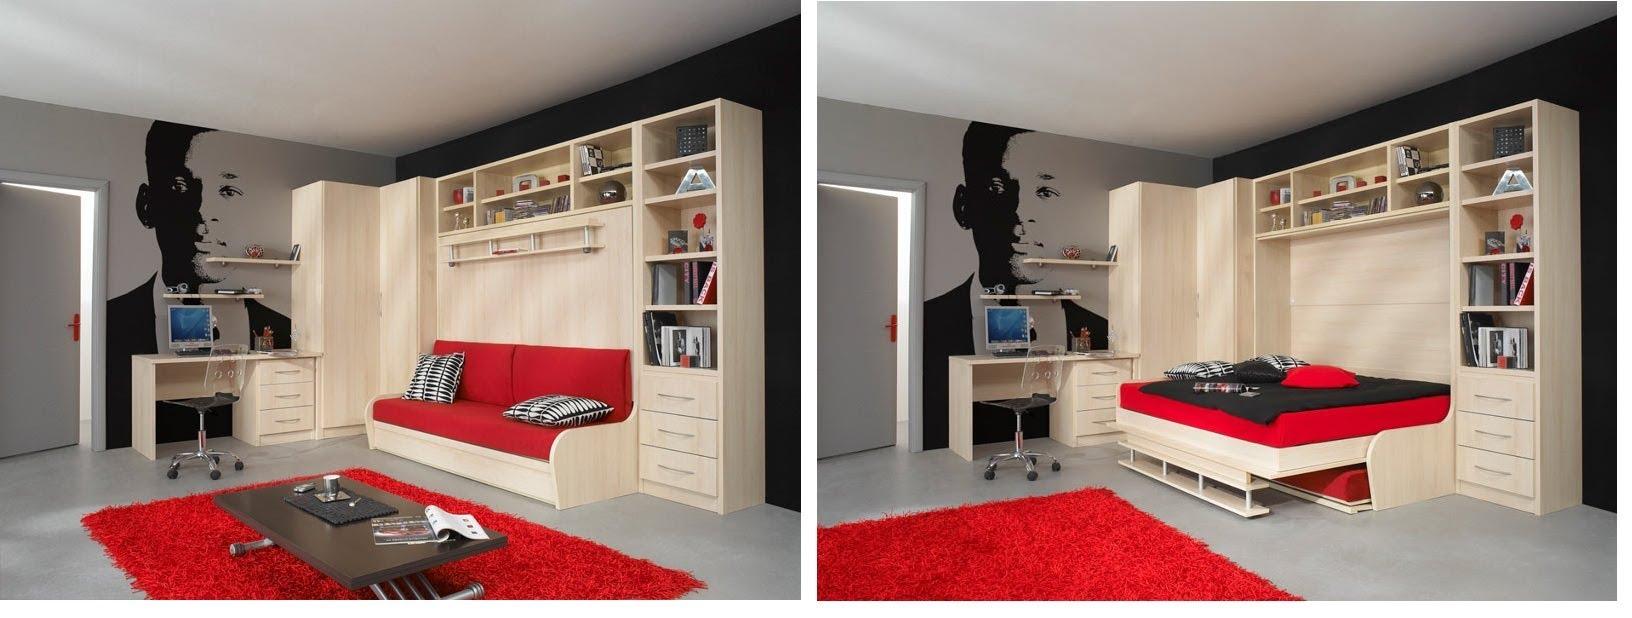 Вариант трансформации современной мебели